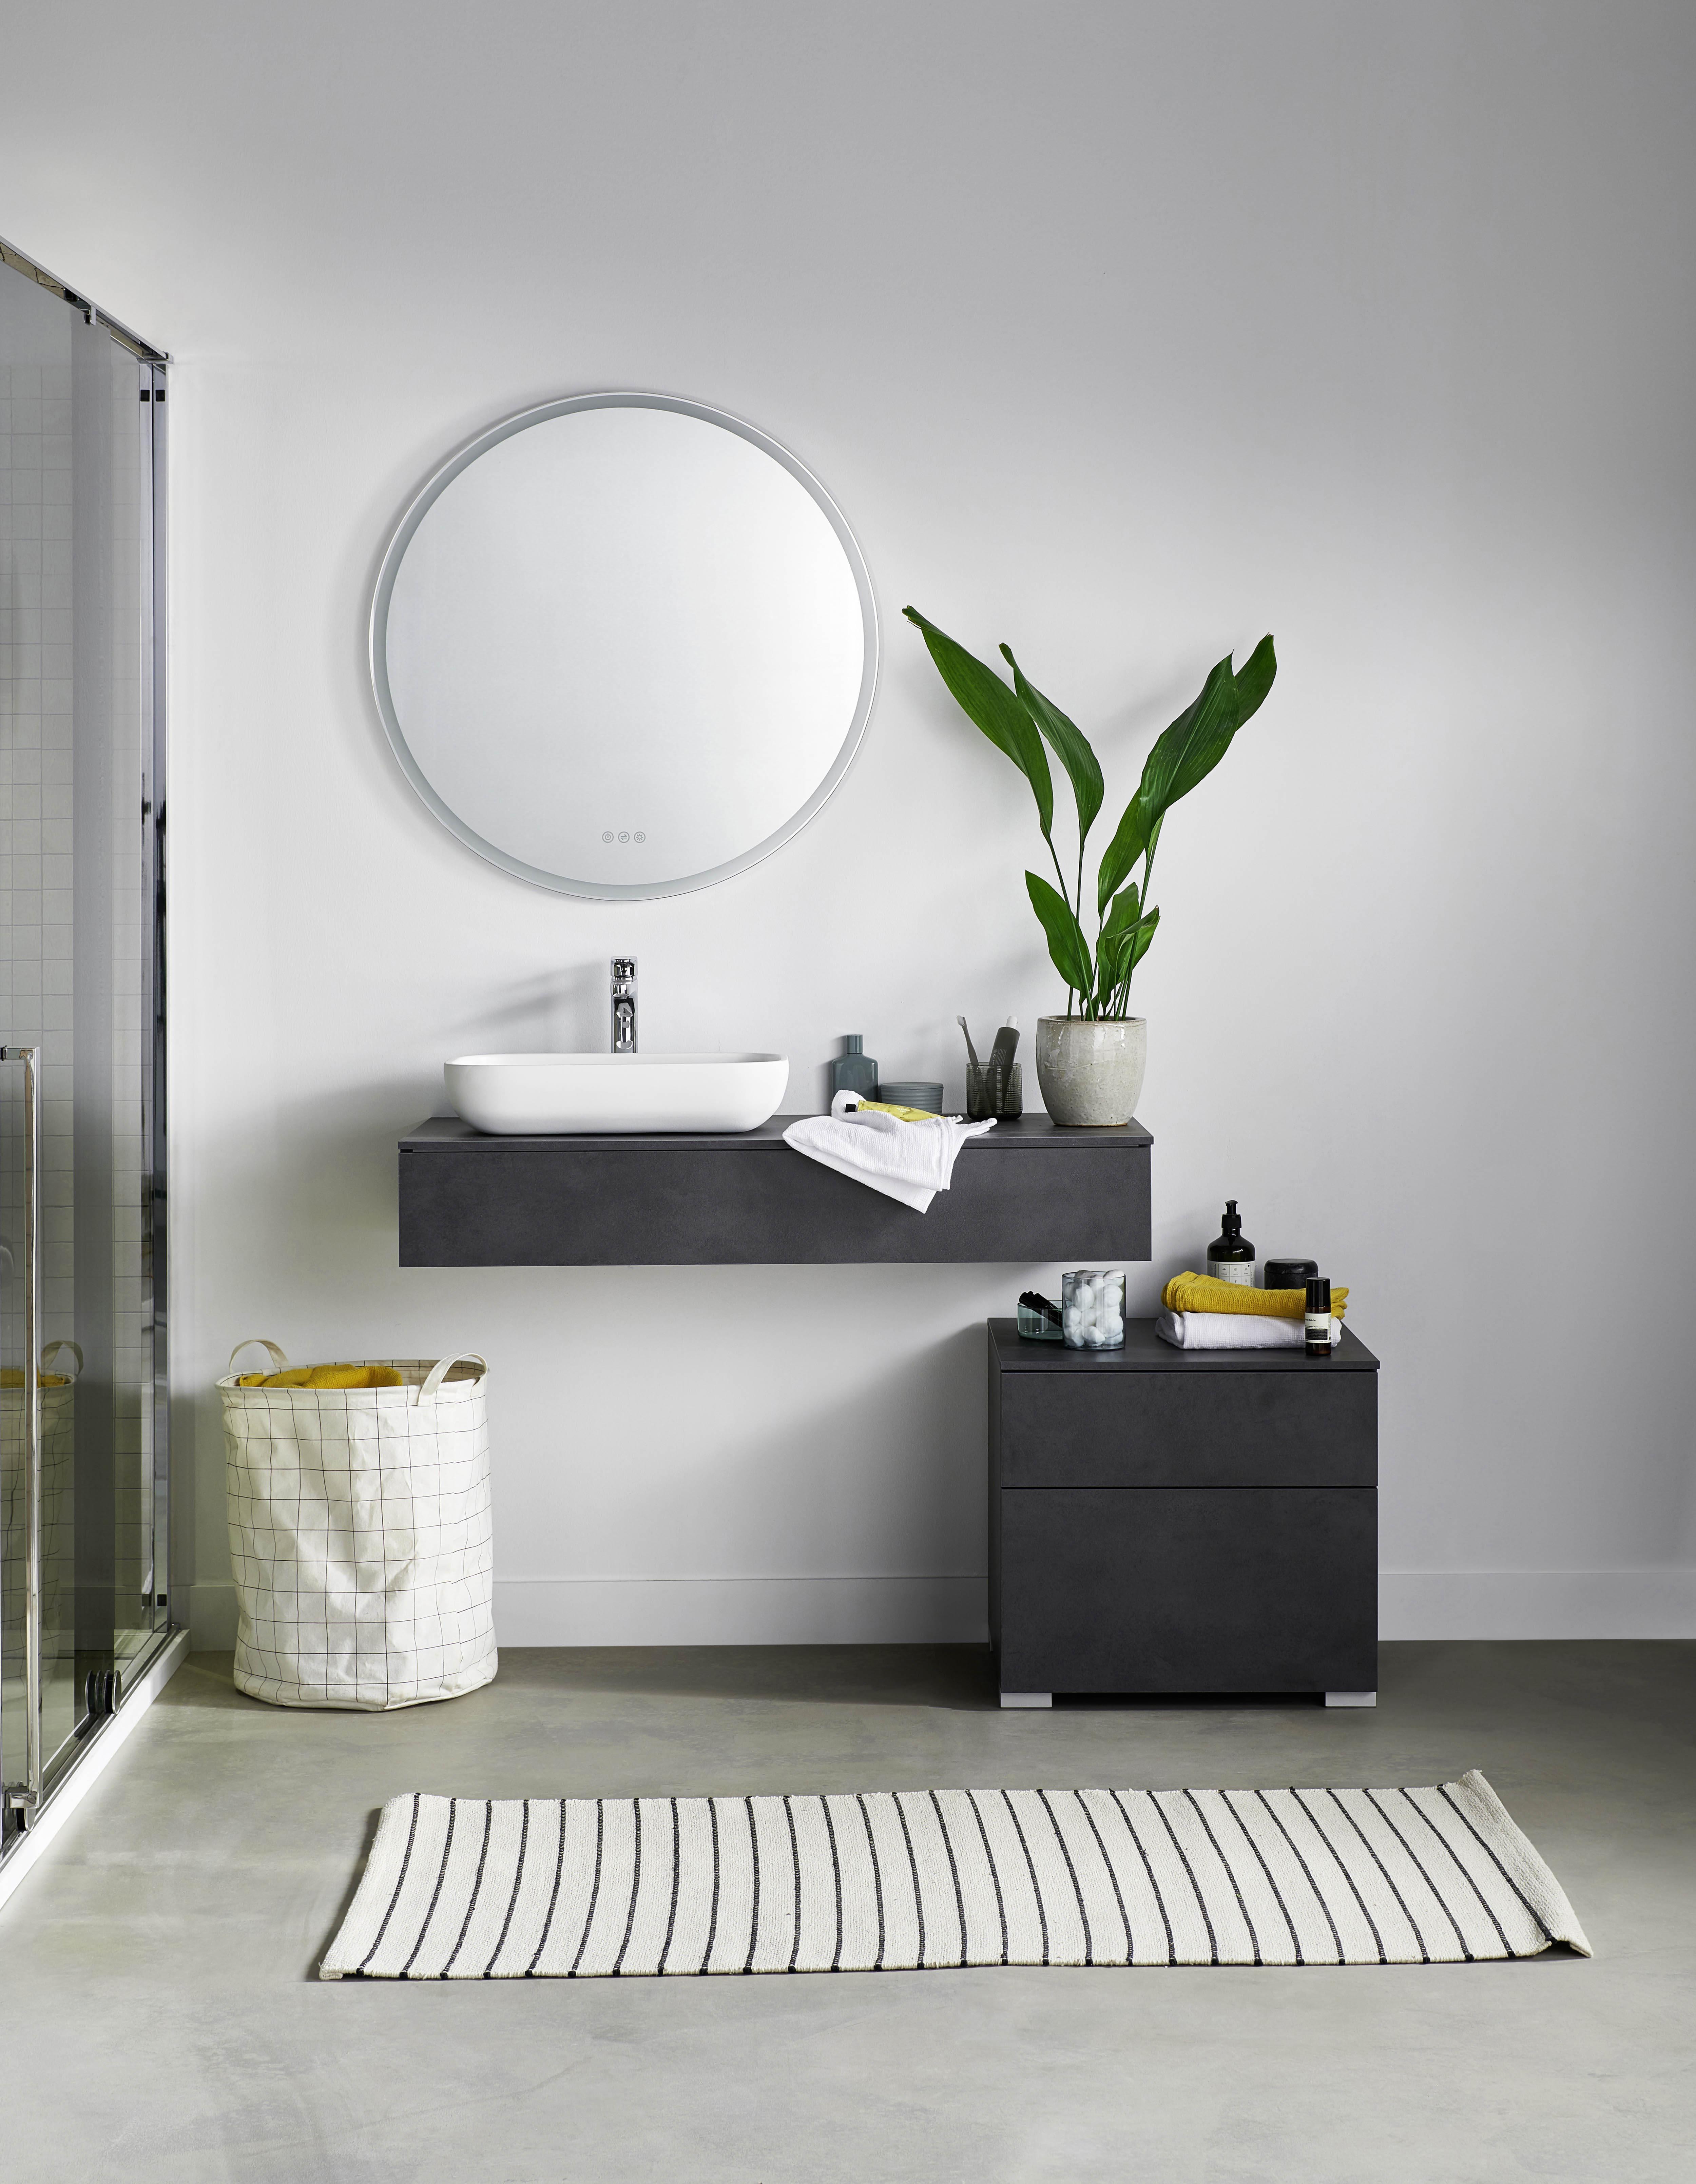 Brut : une salle de bains au design aérien - Lapeyre Presse